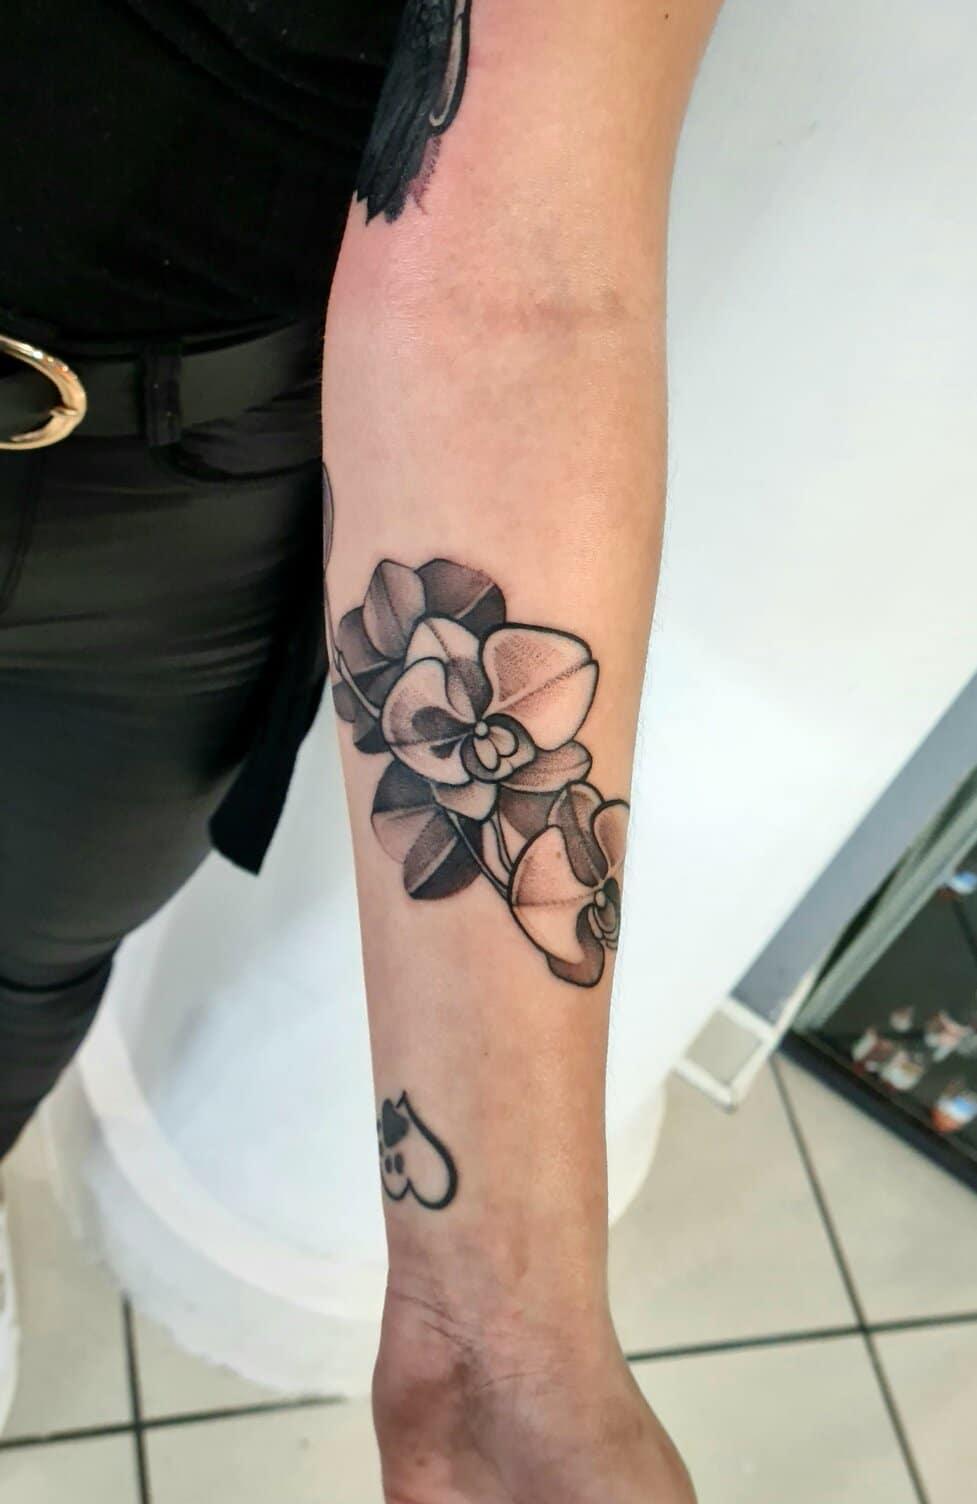 sara derbis tattoo artists flower arm